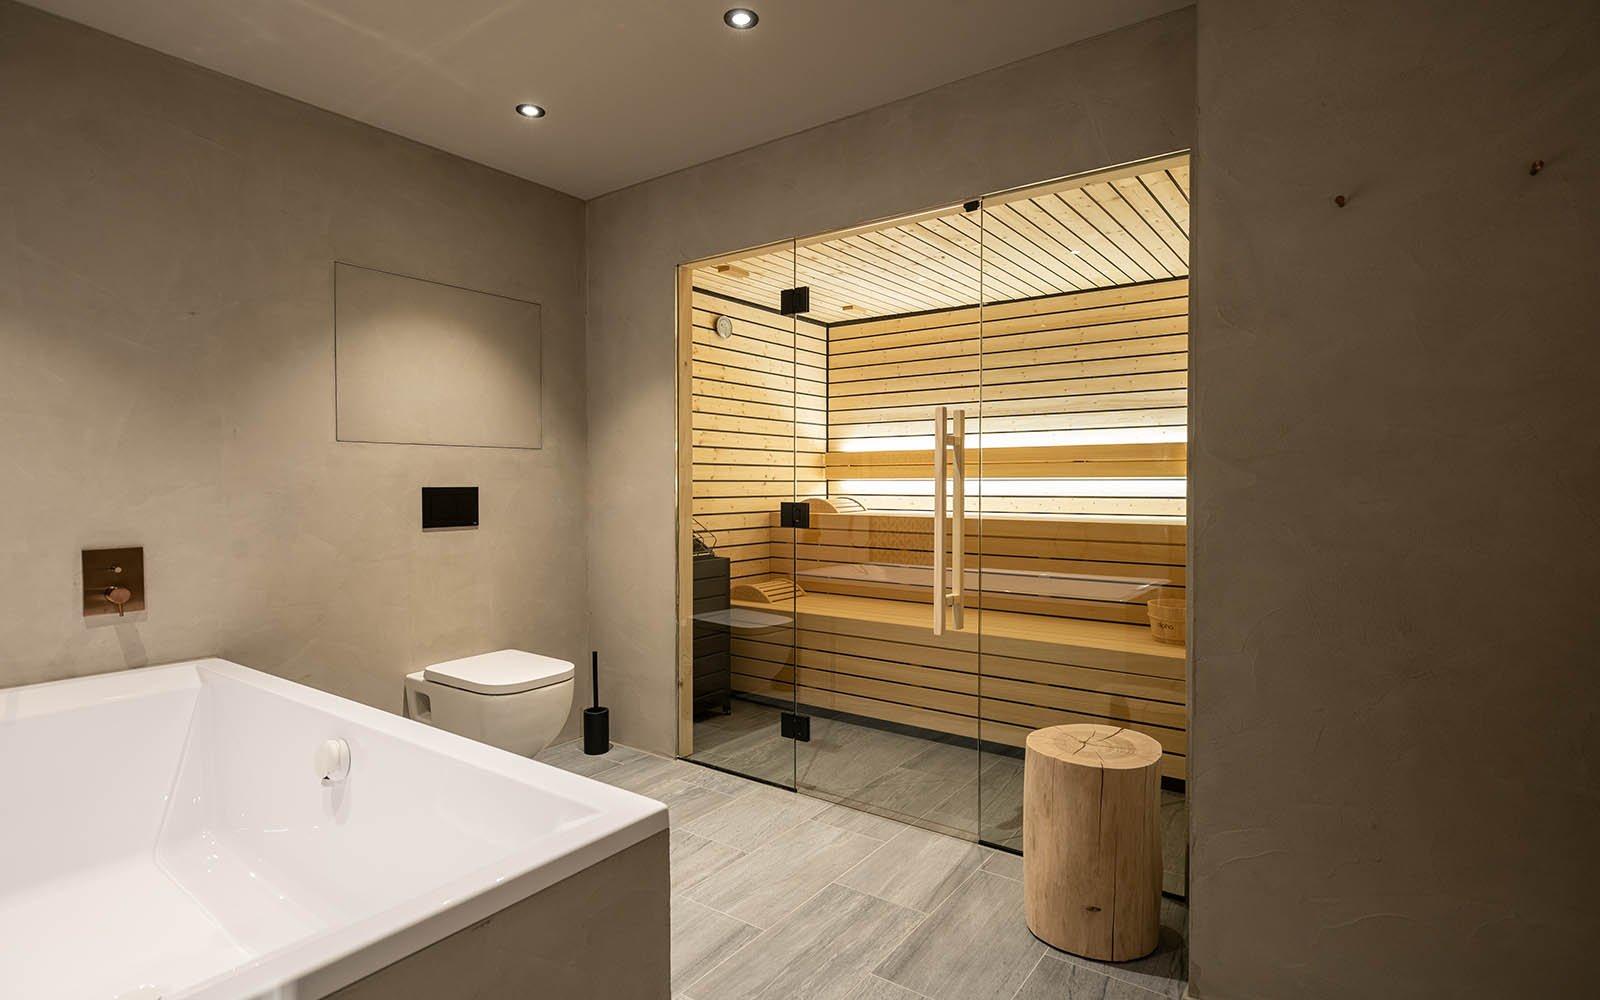 Sauna's. Alpha industries, wellness, the art of living